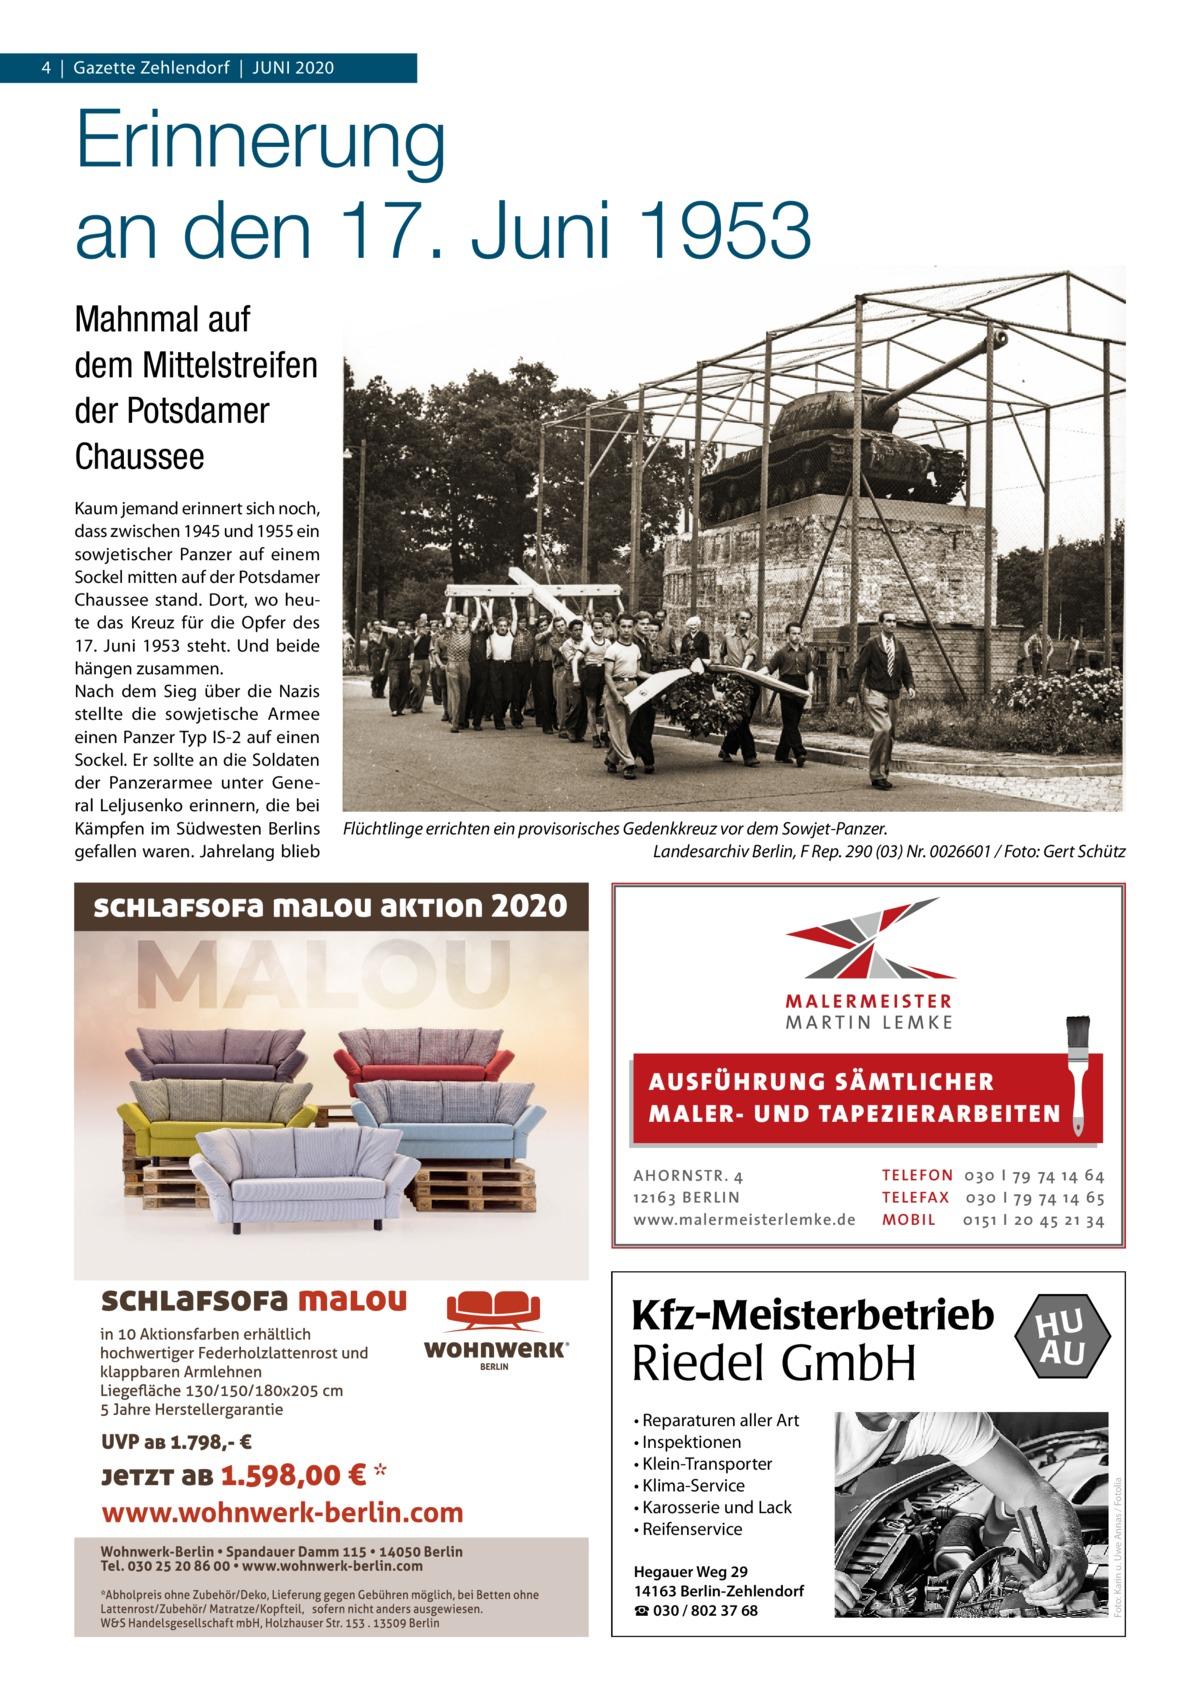 4|Gazette Zehlendorf|JUNI 2020  Erinnerung an den 17.Juni 1953 Mahnmal auf dem Mittelstreifen der Potsdamer Chaussee  Flüchtlinge errichten ein provisorisches Gedenkkreuz vor dem Sowjet-Panzer. Landesarchiv Berlin, F Rep. 290 (03) Nr. 0026601 / Foto: Gert Schütz  AUS FÜ H RU NG SÄ MTLICH ER M A LER- U N D TA PEZ I ER A RB EITE N A H O R N STR . 4 12 16 3 B E R L I N www.malermeisterlemke.de  TE L E FO N 0 3 0 I 79 74 14 6 4 TE L E FA X 0 3 0 I 79 74 14 6 5 MOB I L 0 15 1 I 2 0 45 21 3 4  Kfz-Meisterbetrieb  Riedel GmbH • Reparaturen aller Art • Inspektionen • Klein-Transporter • Klima-Service • Karosserie und Lack • Reifenservice Hegauer Weg 29 14163 Berlin-Zehlendorf ☎ 030 / 802 37 68  HU AU  Foto: Karin u. Uwe Annas / Fotolia  Kaum jemand erinnert sich noch, dass zwischen 1945 und 1955 ein sowjetischer Panzer auf einem Sockel mitten auf der Potsdamer Chaussee stand. Dort, wo heute das Kreuz für die Opfer des 17. Juni 1953 steht. Und beide hängen zusammen. Nach dem Sieg über die Nazis stellte die sowjetische Armee einen Panzer Typ IS-2 auf einen Sockel. Er sollte an die Soldaten der Panzerarmee unter General Leljusenko erinnern, die bei Kämpfen im Südwesten Berlins gefallen waren. Jahrelang blieb